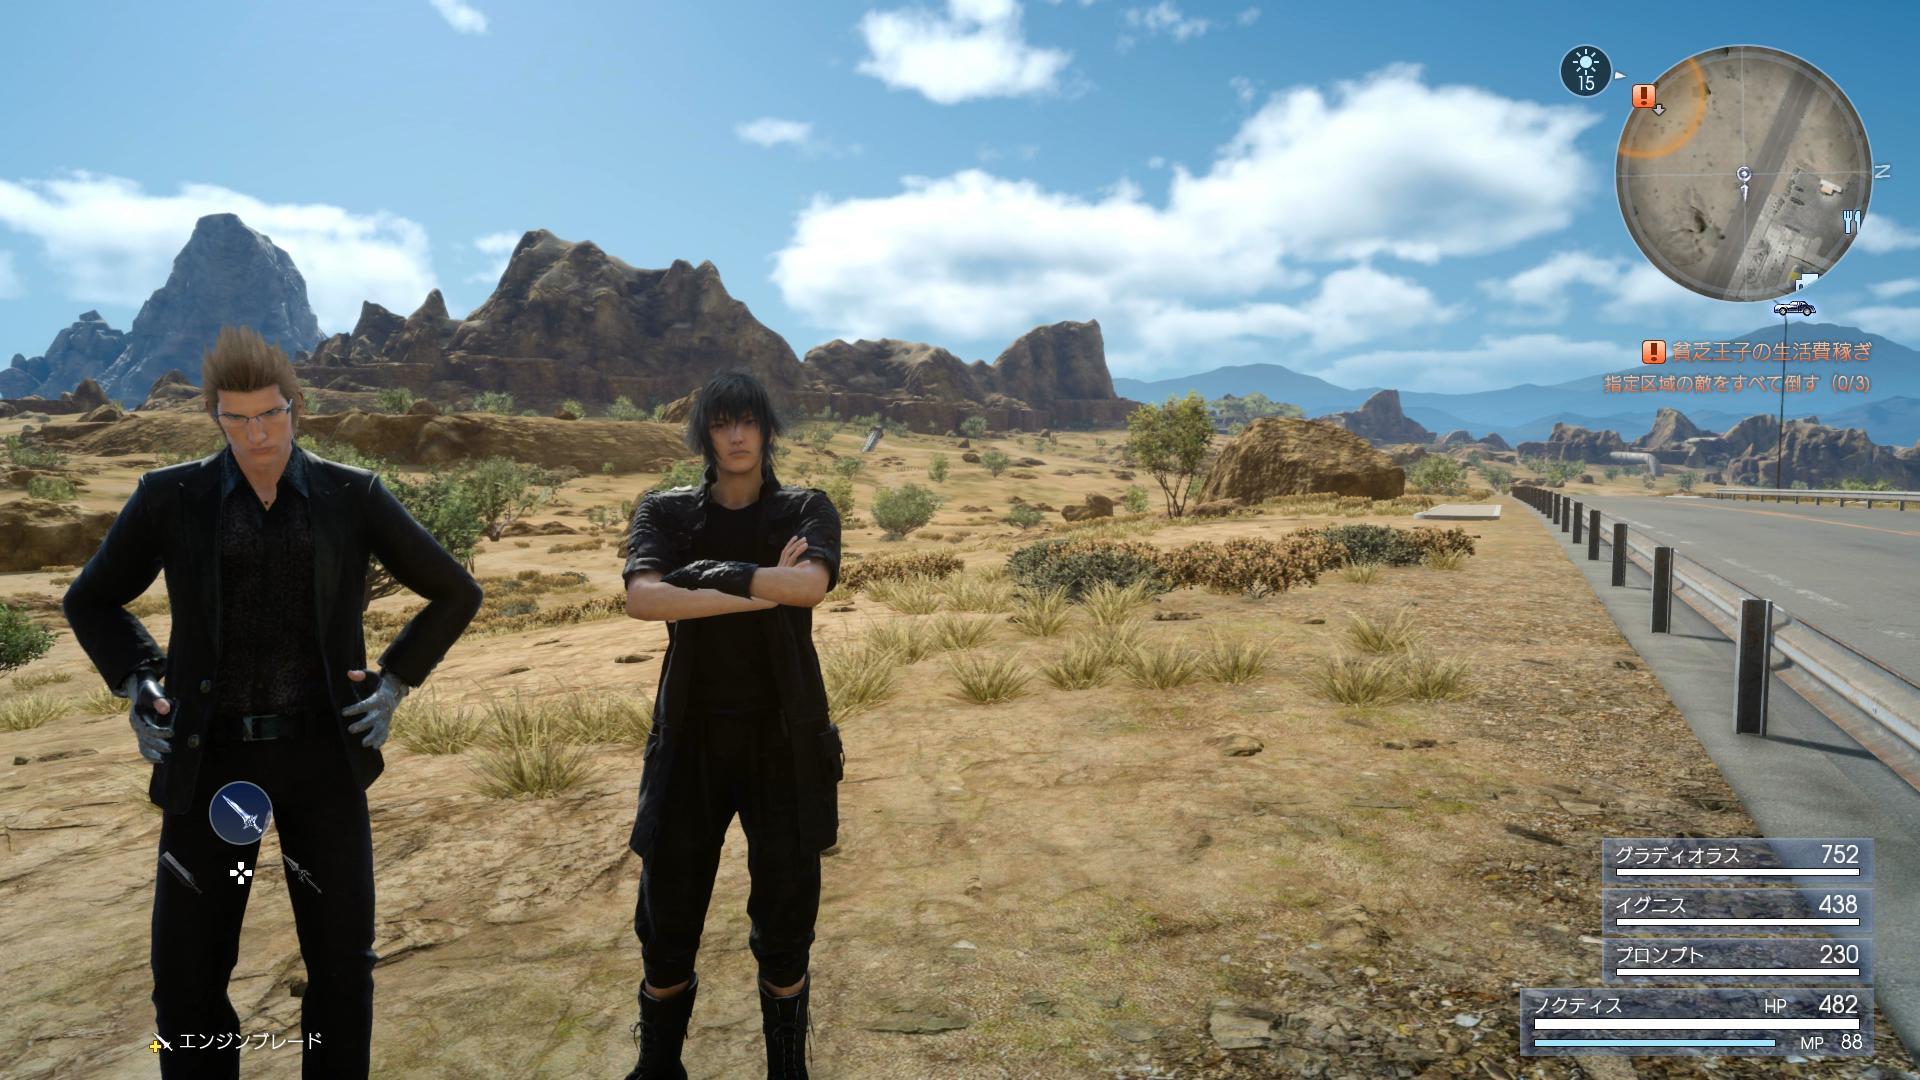 Perto do lançamento, FF XV ganha demo com bugs à la Assassin's Creed Unity